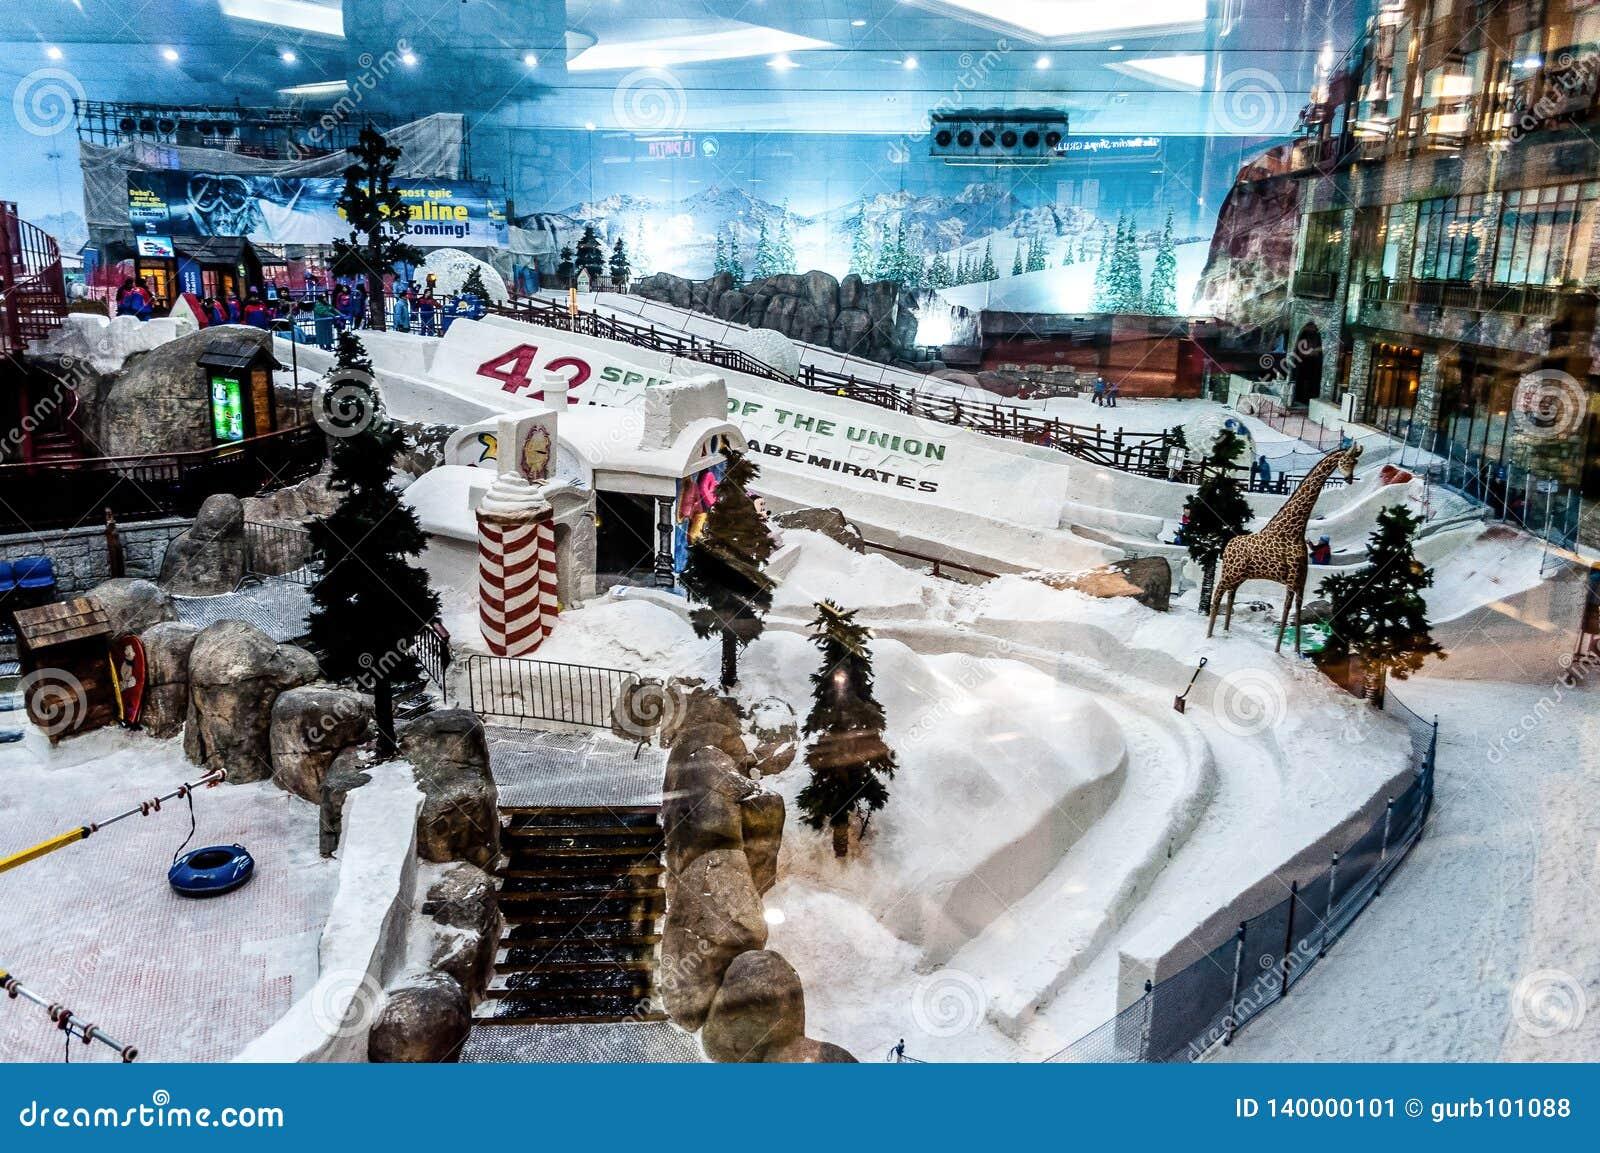 The ski resort Ski Dubai – Mall of the Emirates ,United Arab Emirates.